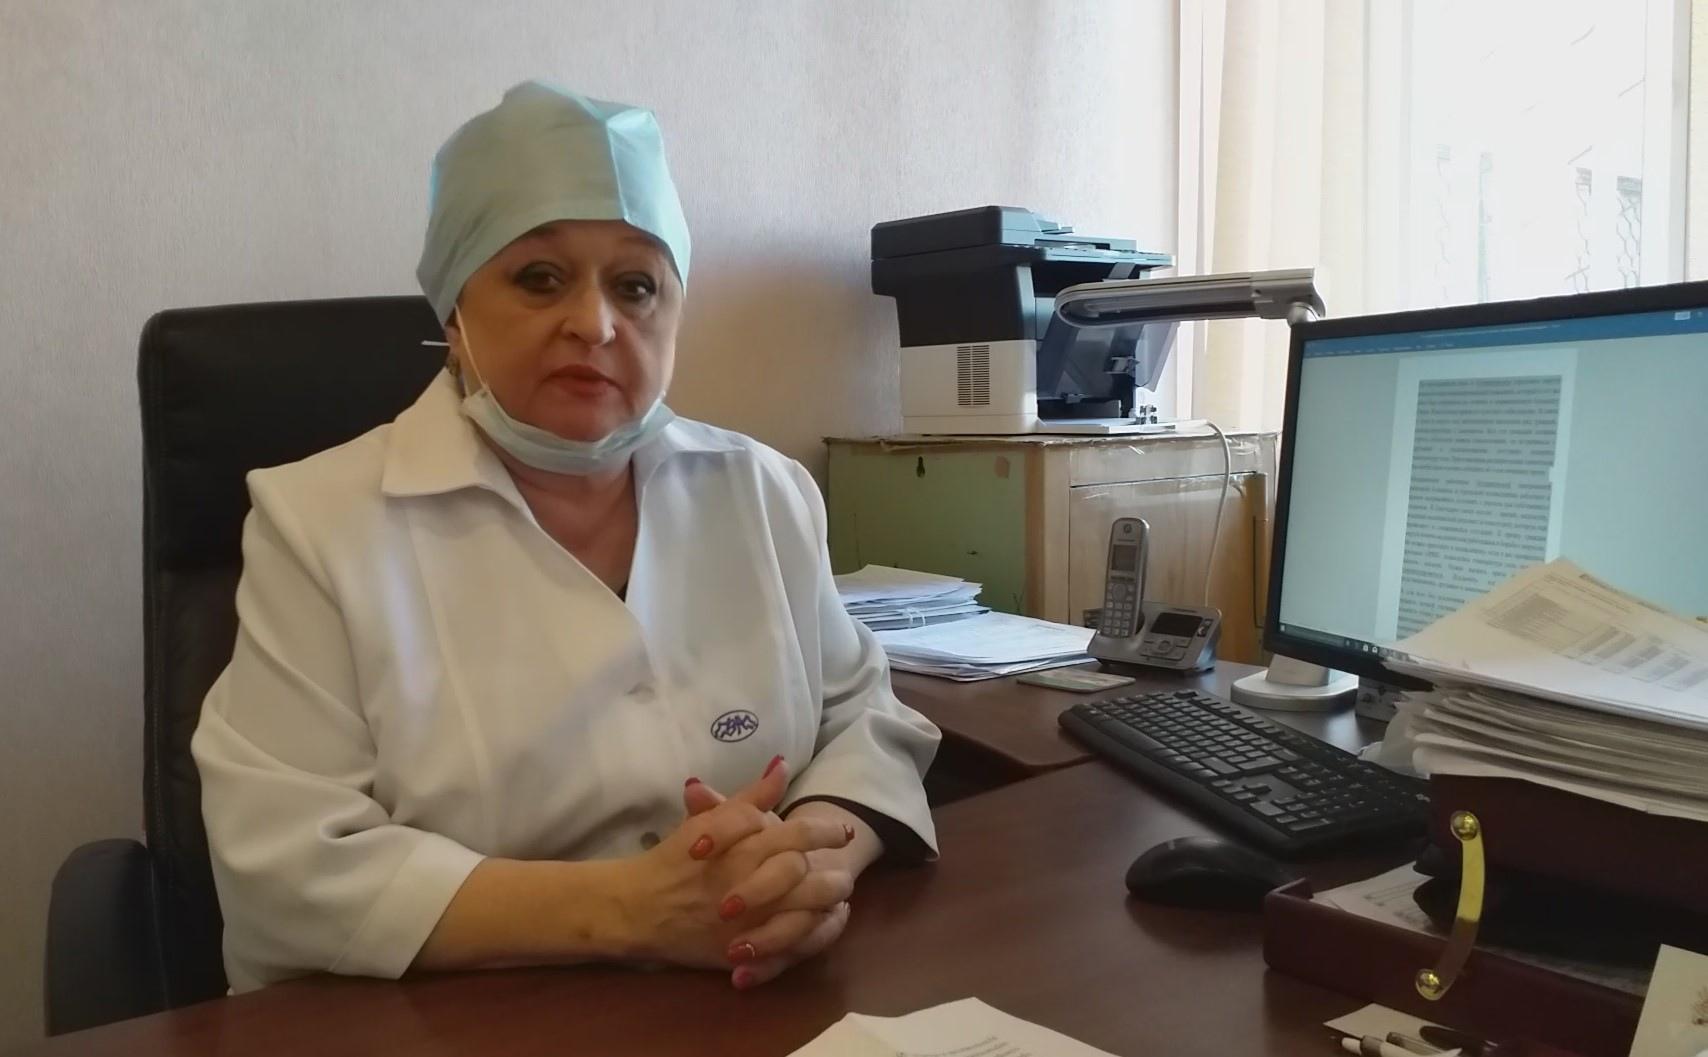 Татьяна Радина: Вакцина регулярно поступает в нашу больницу